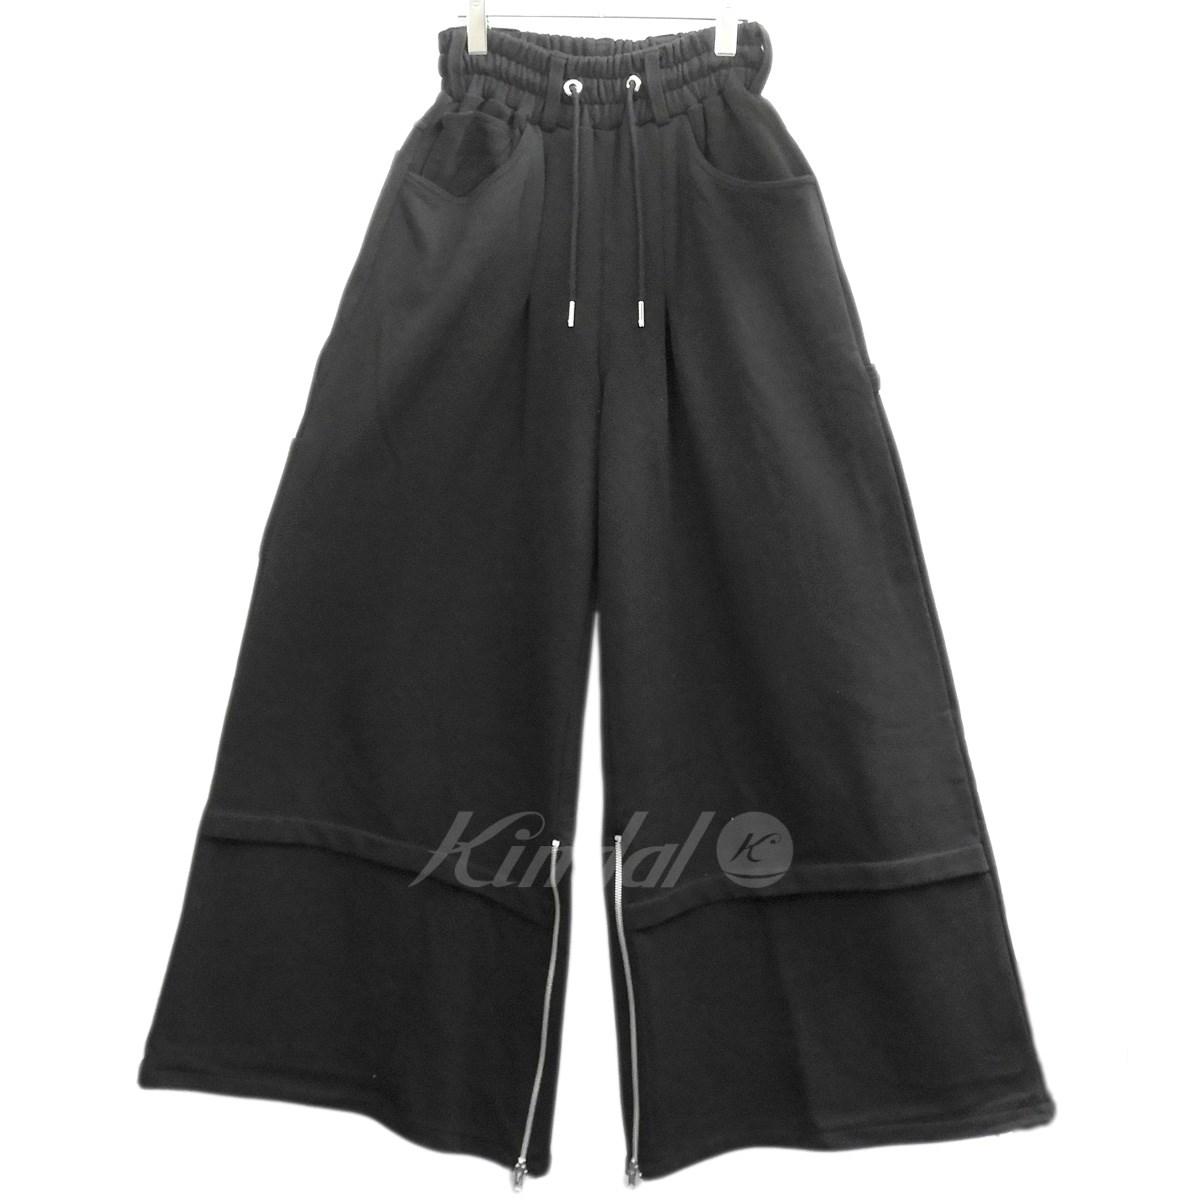 【中古】99%is スウェットワイドパンツ ブラック サイズ:2 【送料無料】 【130319】(ナインティーナインパーセントイズ)